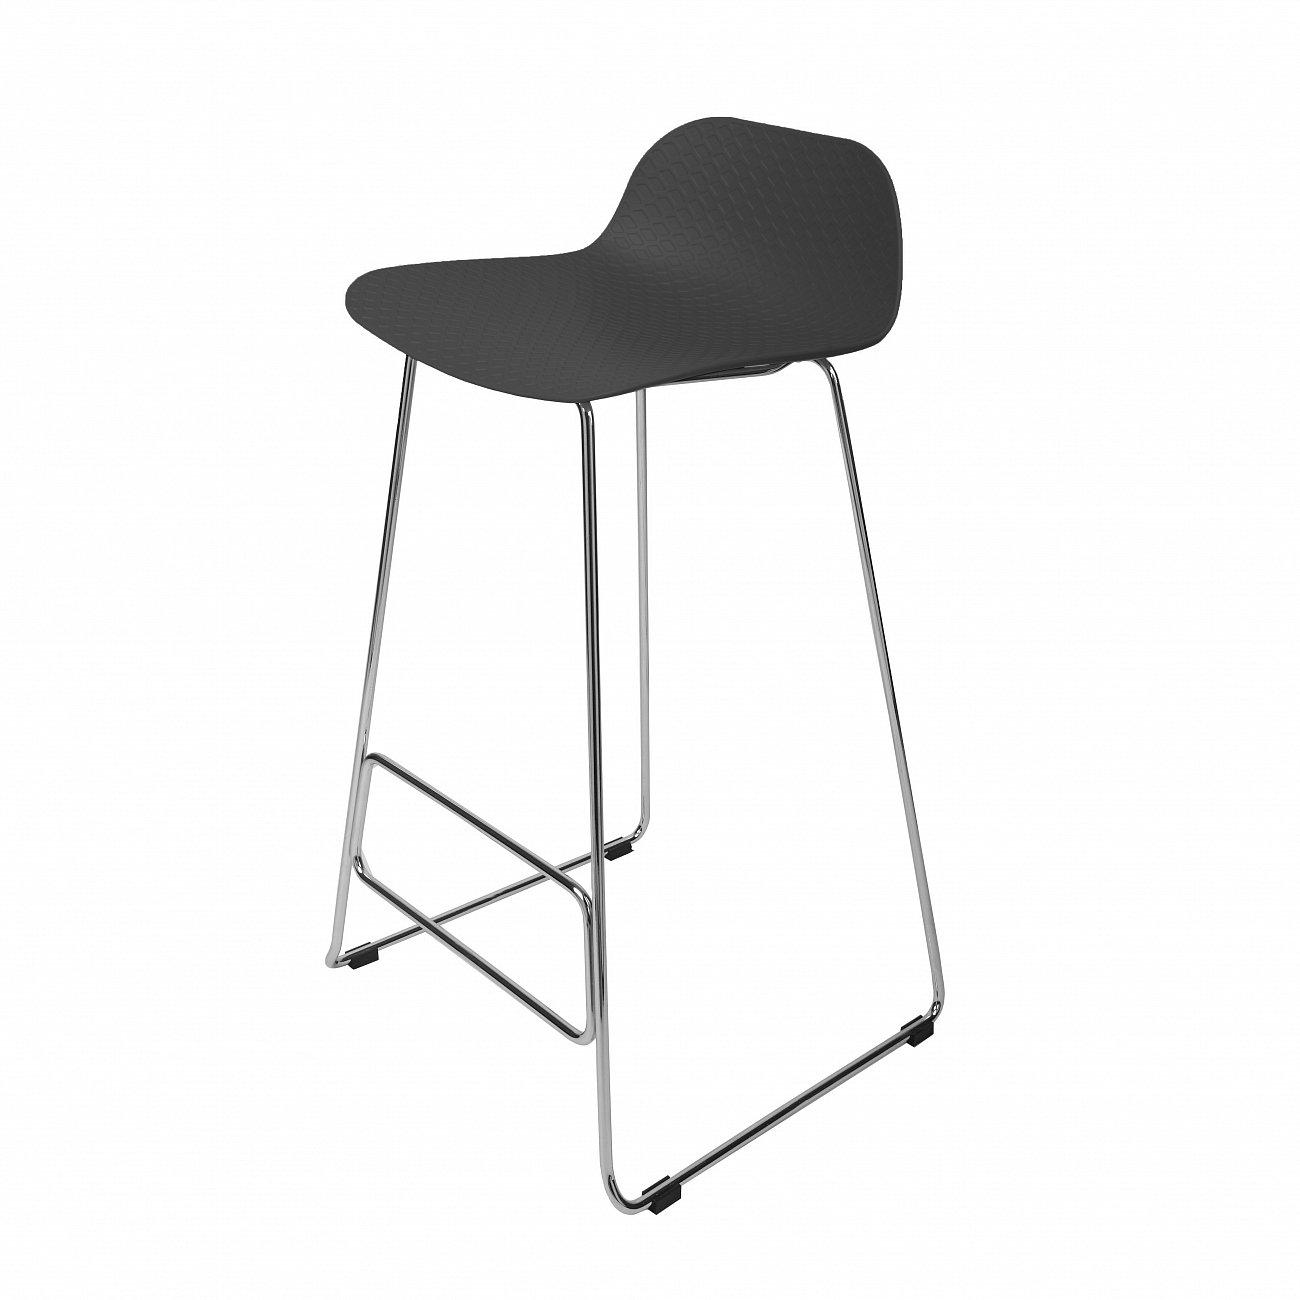 Купить Барный стул Catina Чёрный в интернет магазине дизайнерской мебели и аксессуаров для дома и дачи